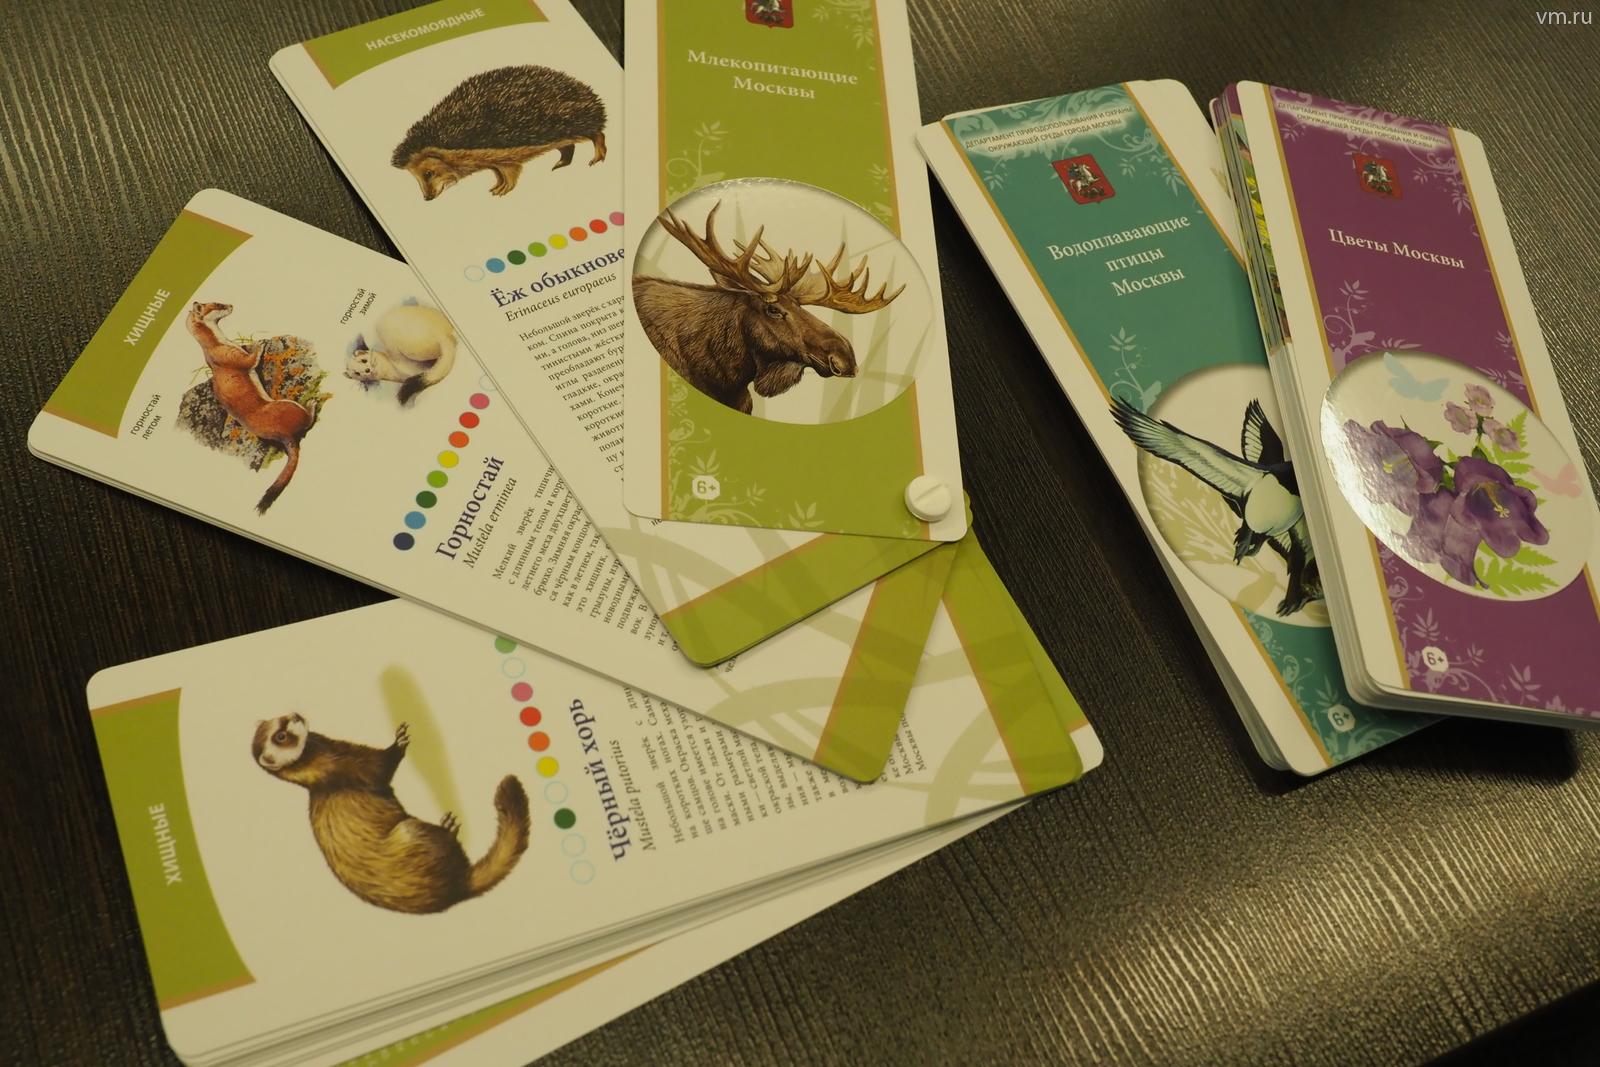 Книжечки-веера, изданные Департаментом природопользования и охраны окружающий среды города Москвы, изданные с умом и с любовью